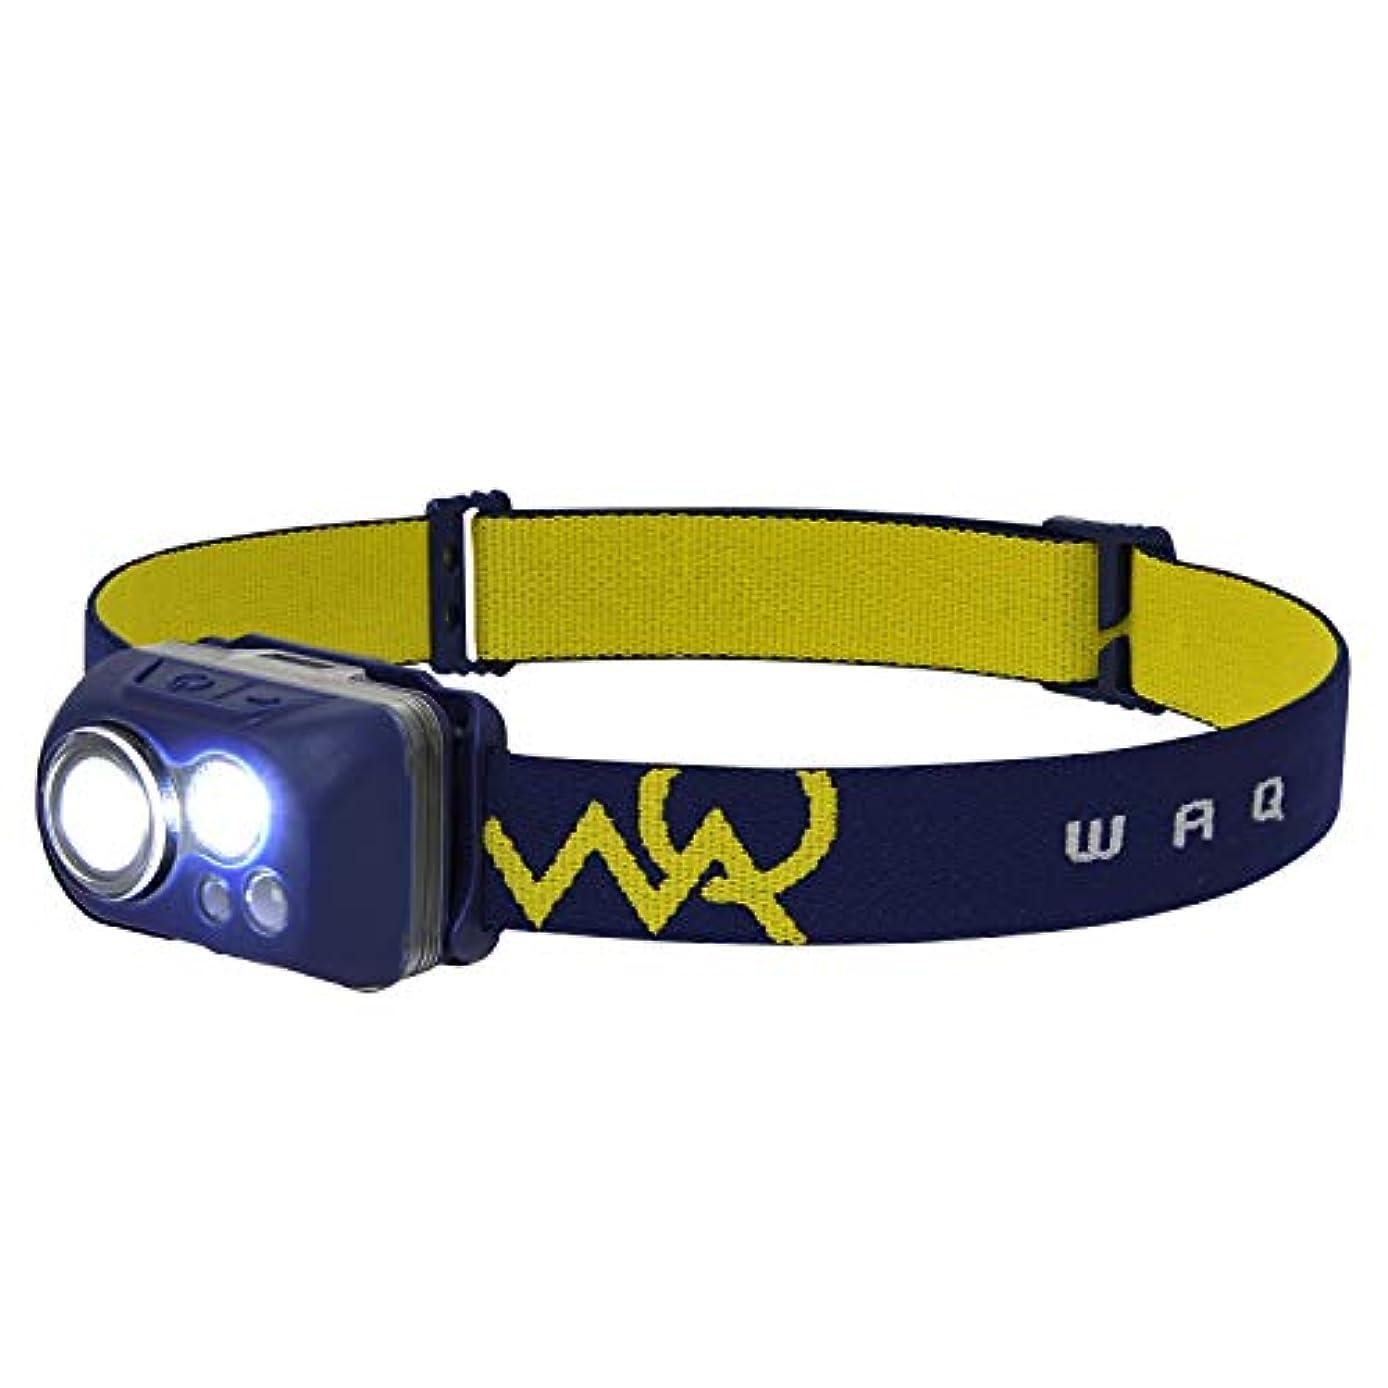 病弱座標結婚式WAQ LED ヘッドライト センサー 防水 (300ルーメン/実用点灯115時間/ワイド/乾電池/軽量) 防災 登山 釣り キャンプ ランニング ヘッドランプ WAQ-HL1